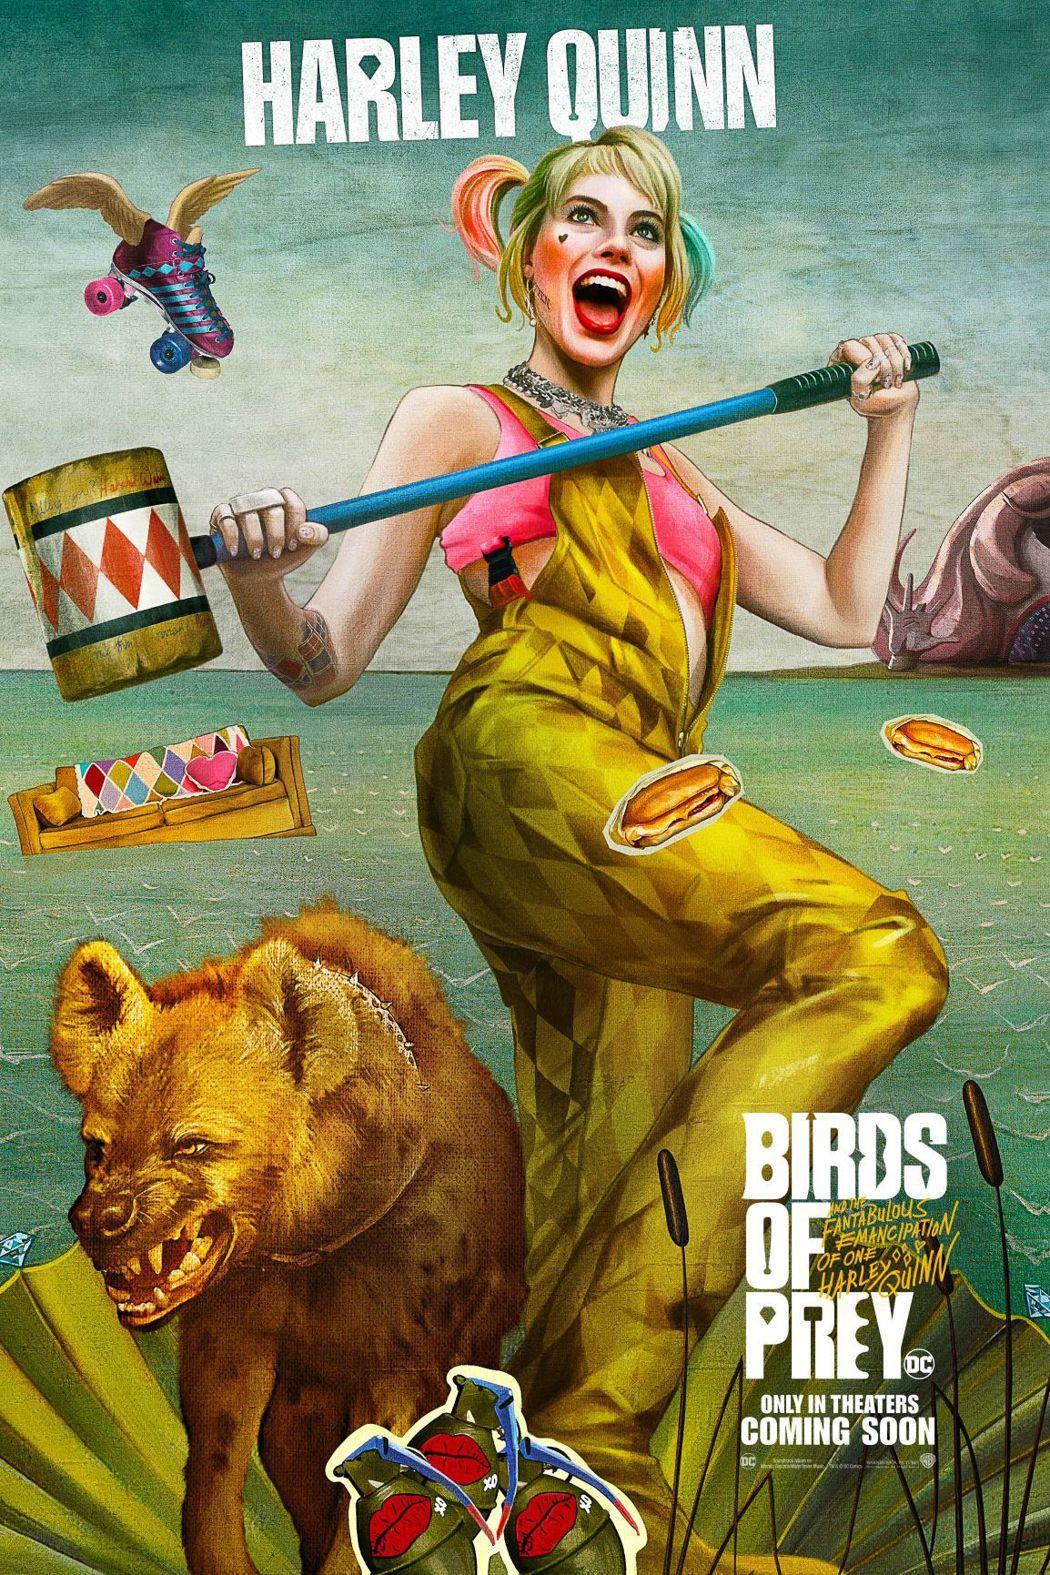 瑪格羅比再度扮演「小丑女」,將於明年2月帶來新片「猛禽小隊:小丑女的解放」。圖/